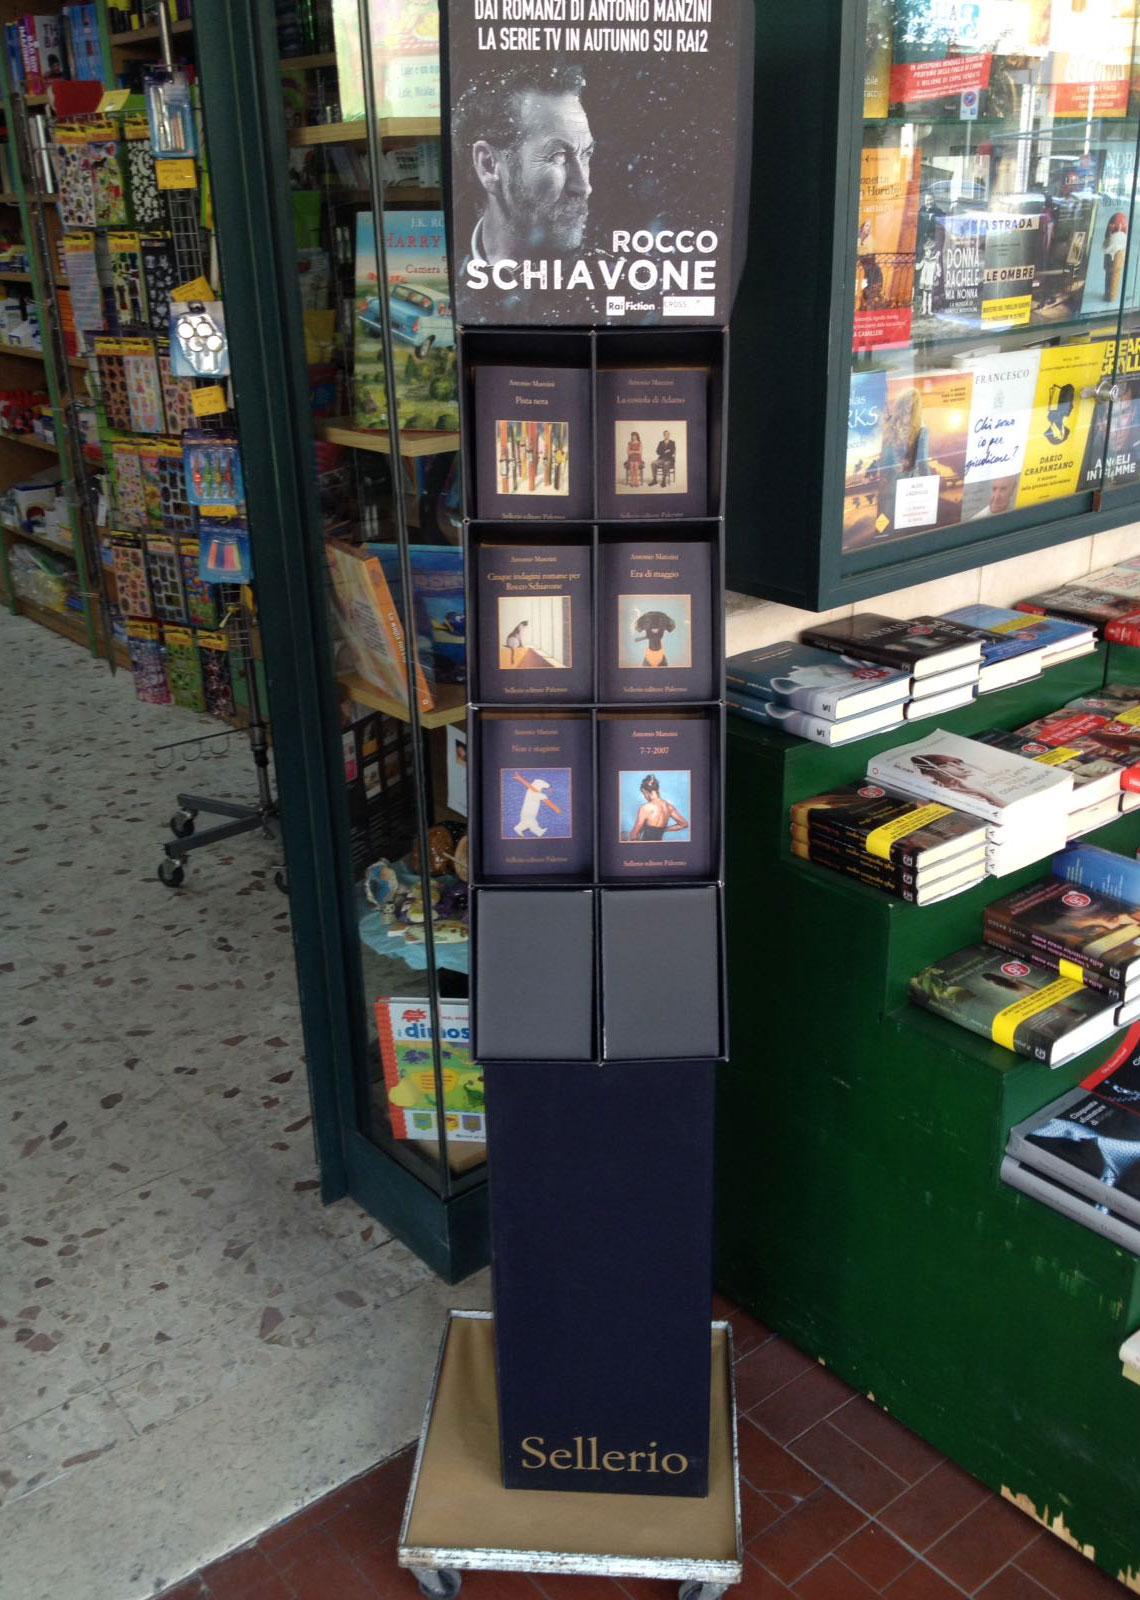 Le Librerie Massimo Mazzali promuovono Manzini, Sellerio